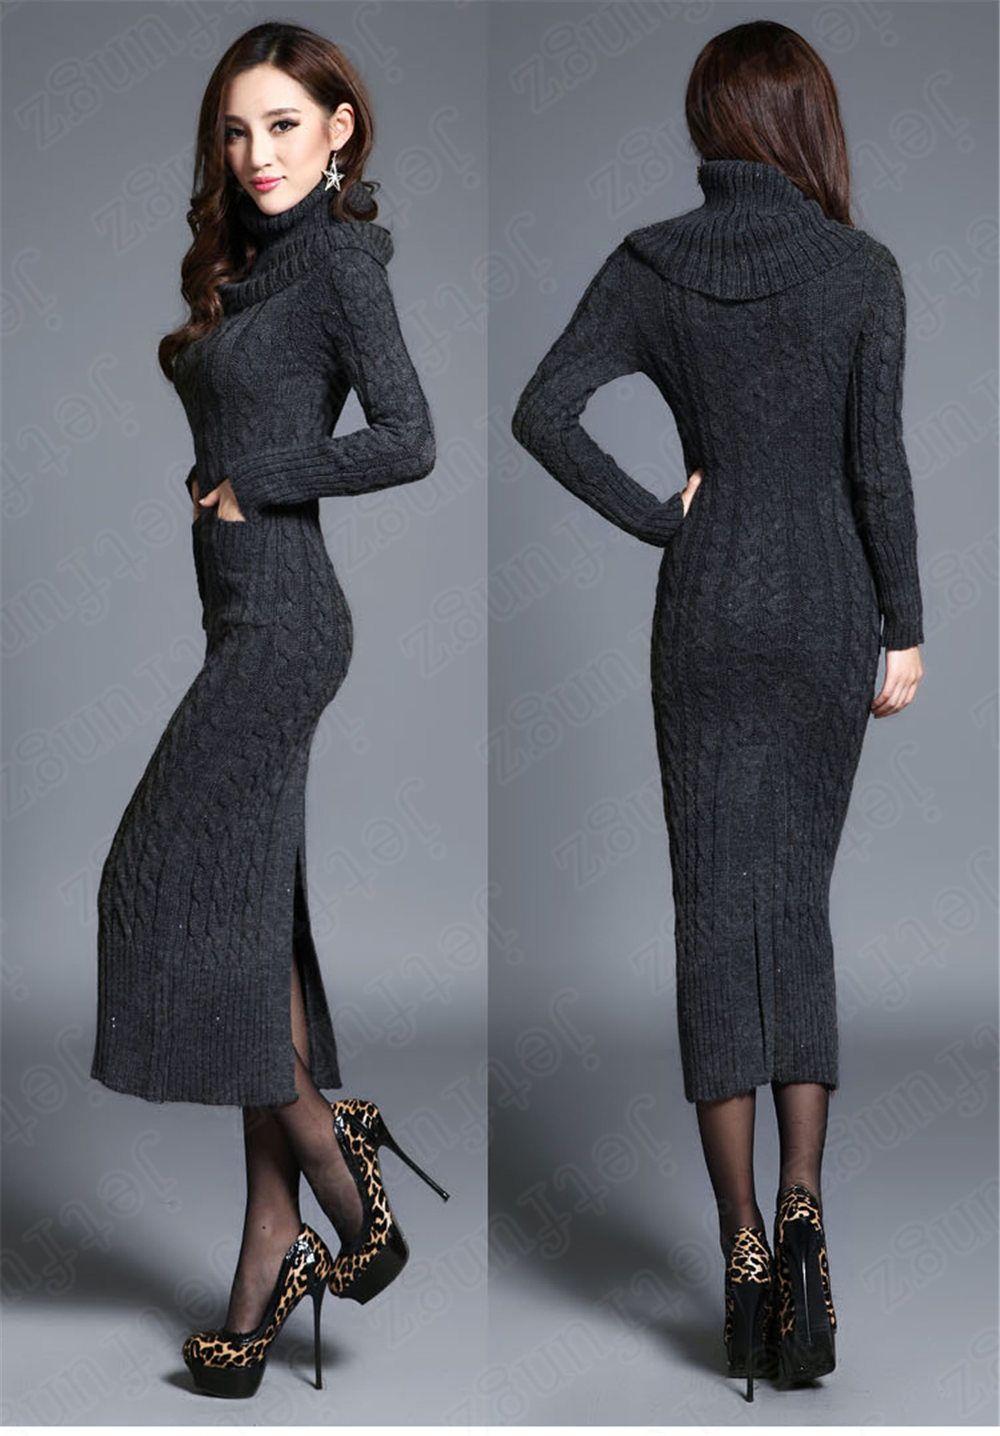 Women's Girl Maxi Turtleneck Knit Casual Sweater Dress Knitwear ...